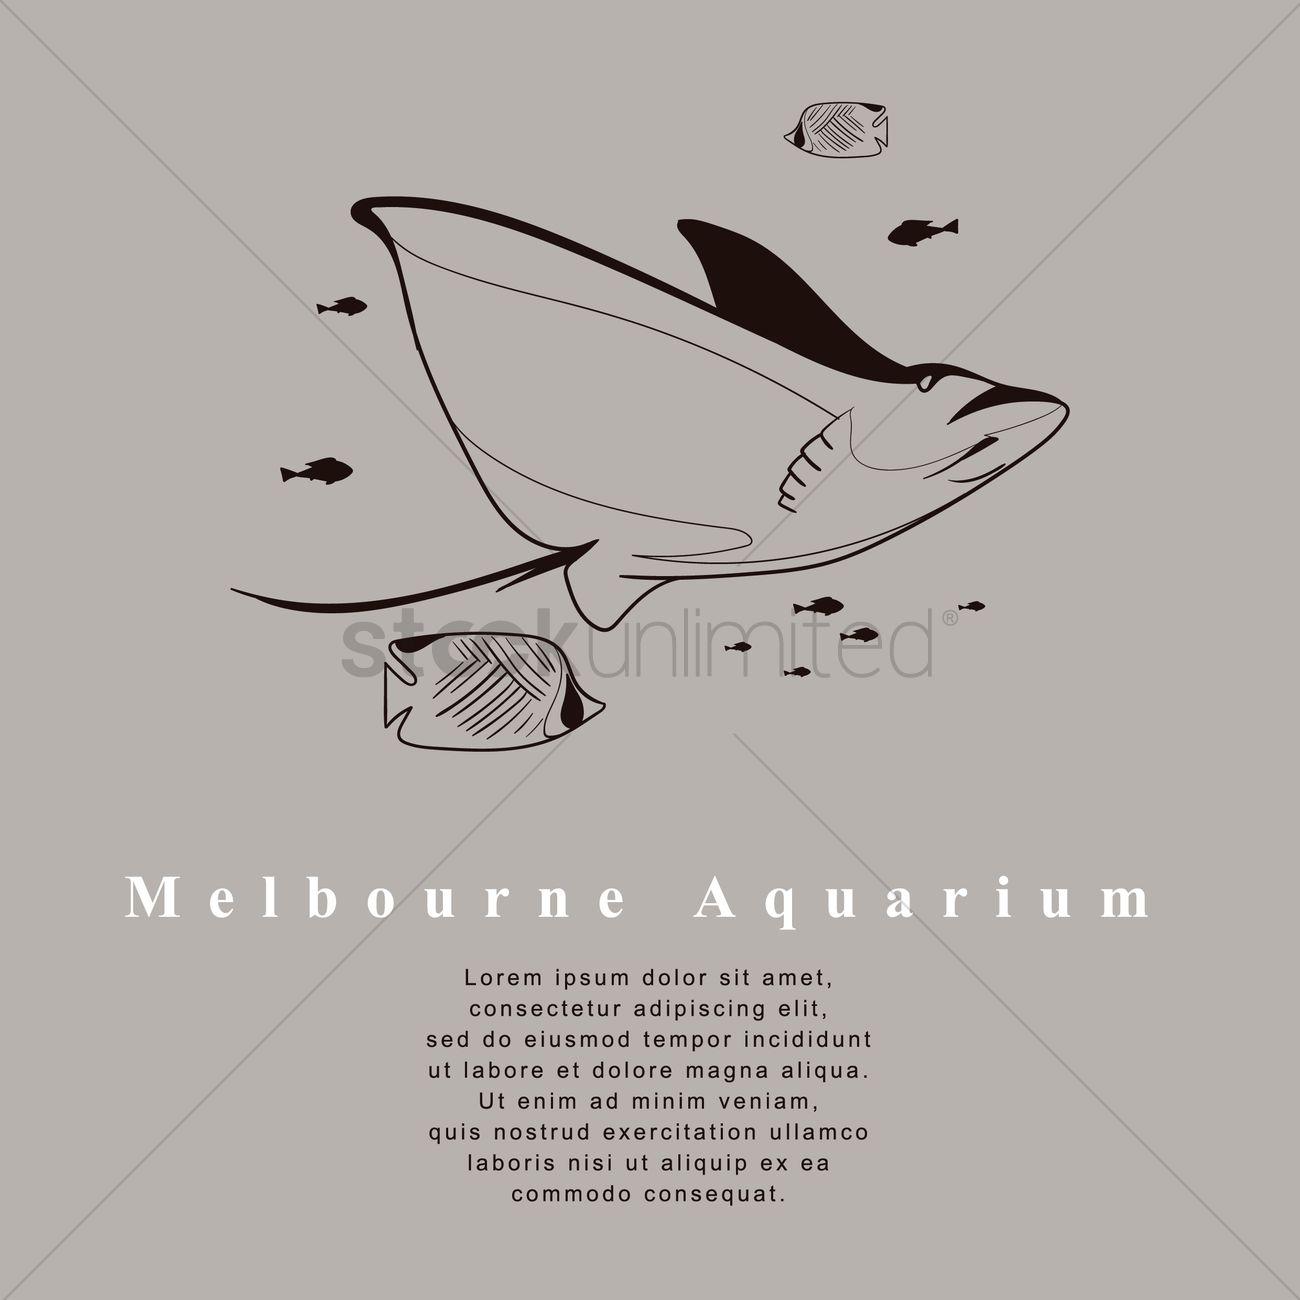 Melbourne aquarium underwater fish design Vector Image.